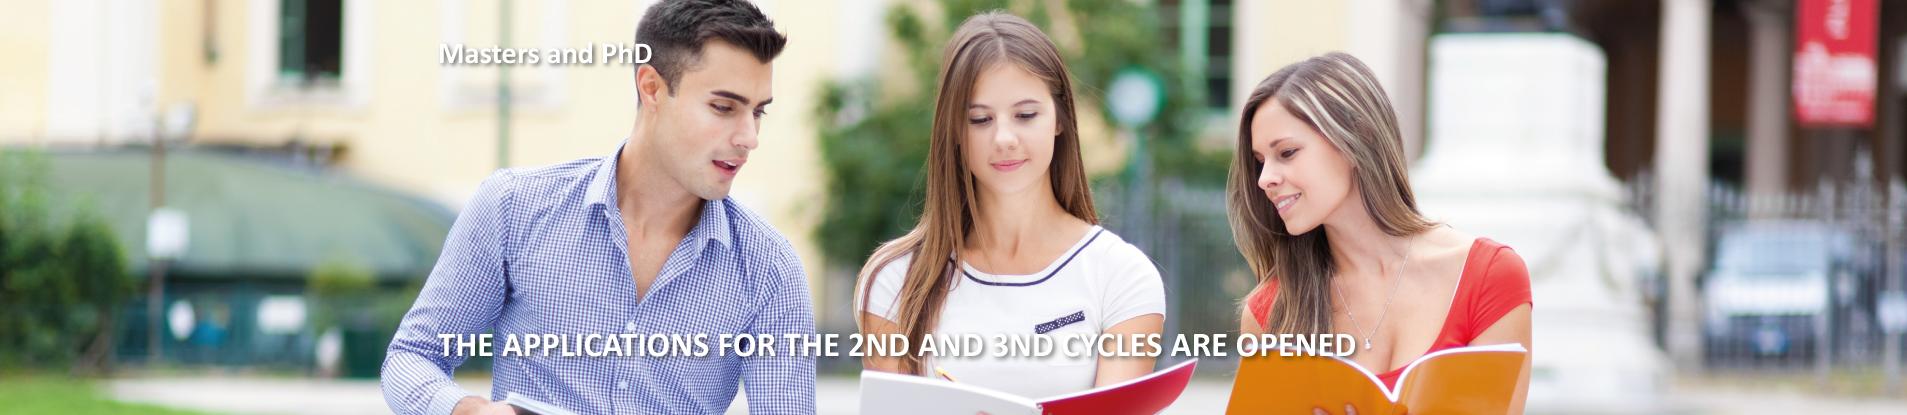 slider candidaturas 2 3 ciclos en